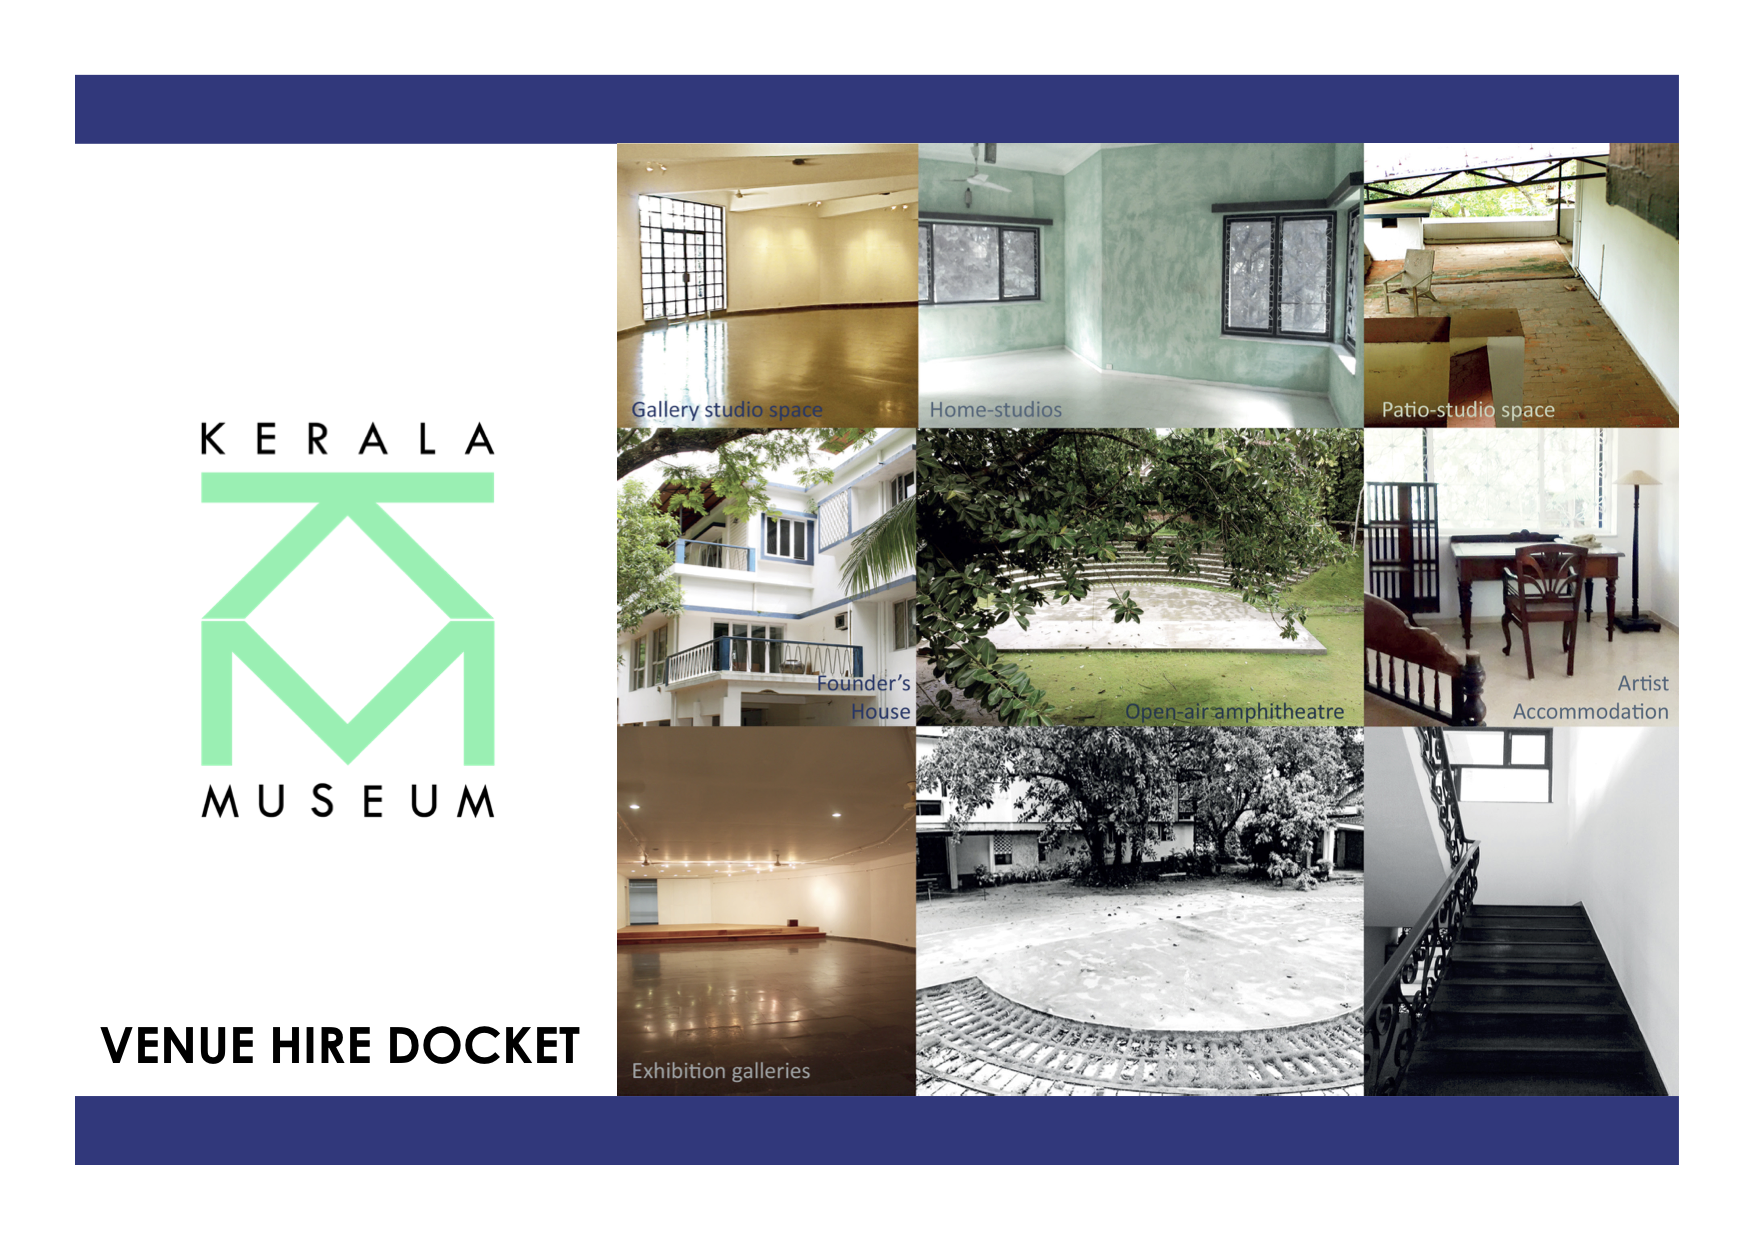 VenueHireDocket_KeralaMuseum.png